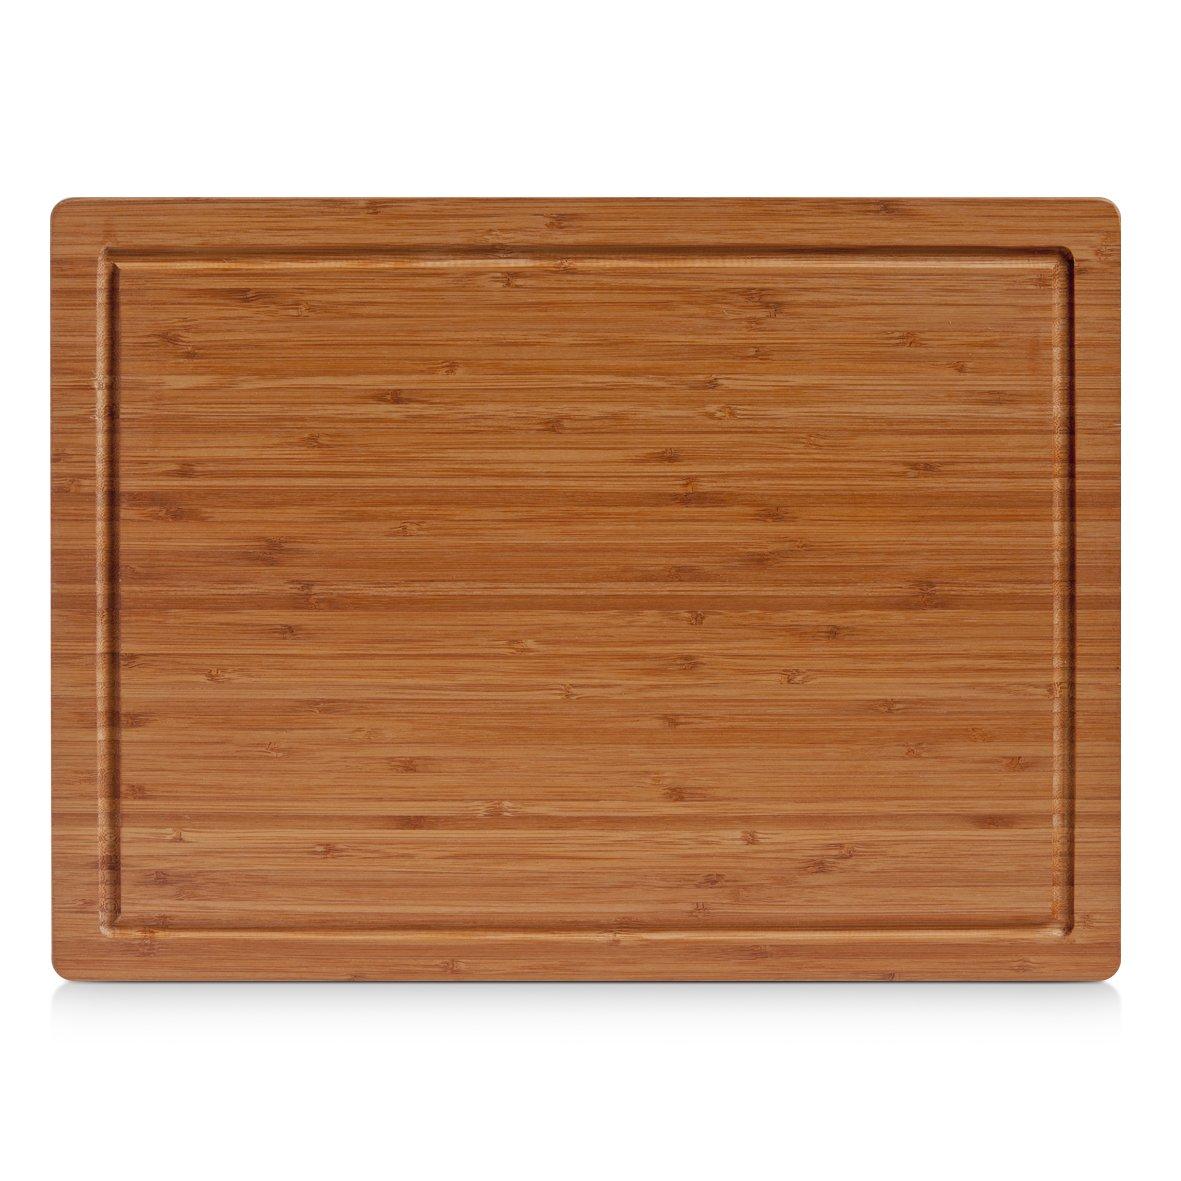 Zeller 25219 Planche /à d/écouper Bambou Brun 32 x 22 x 1,6 cm